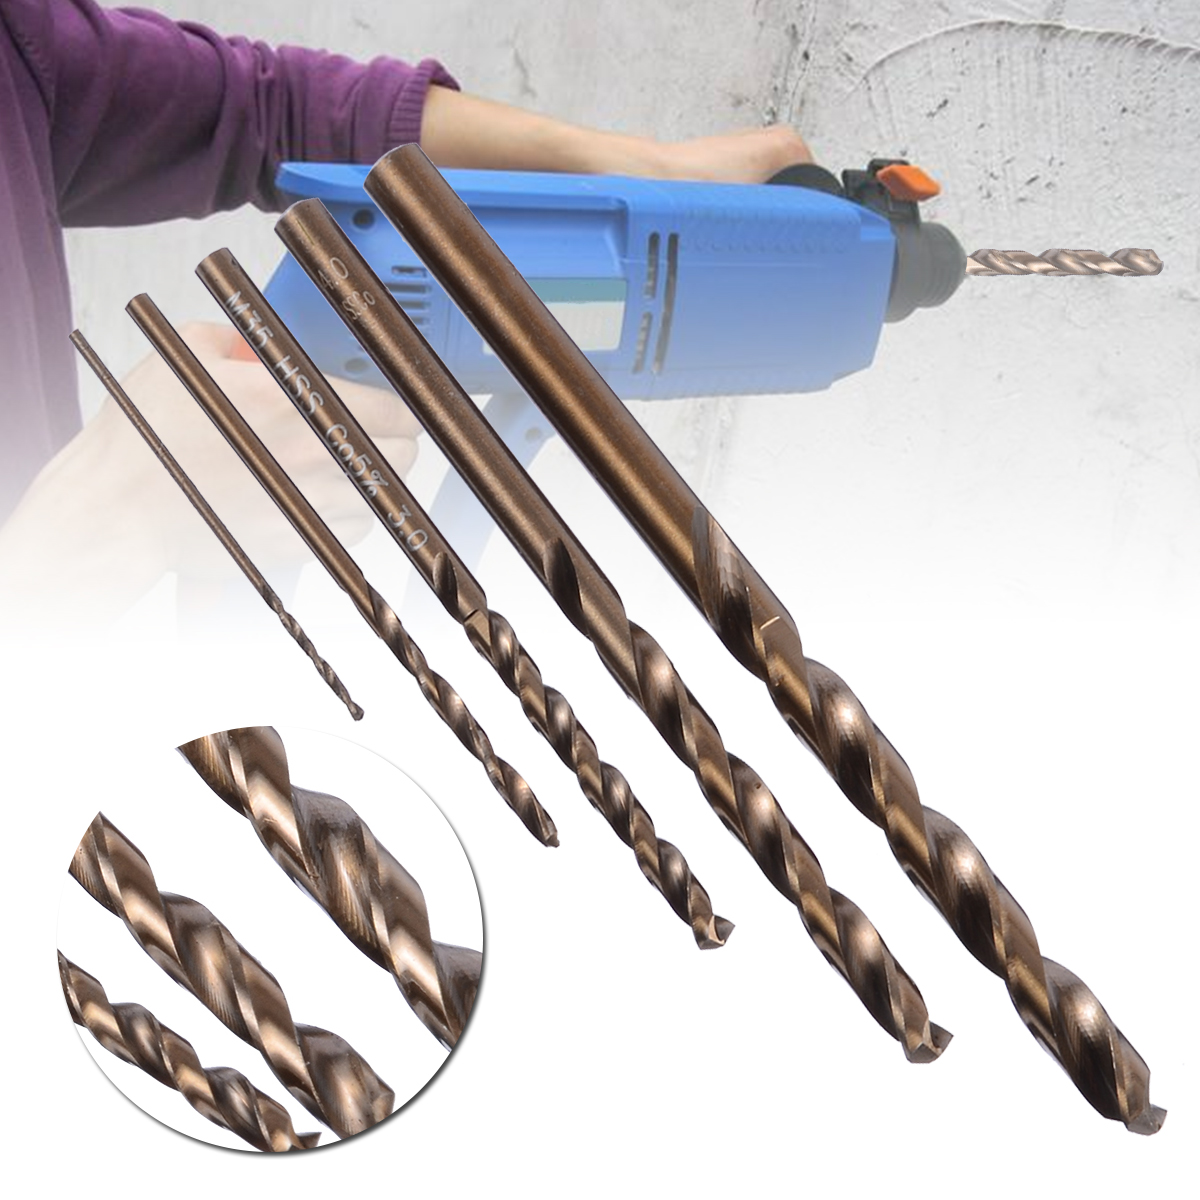 5Pcs Drill Bit Set HSS CO M35 Cobalt Twist Drill Bits For Metal Steel 1mm 2mm 3mm 4mm 5mm Mayitr Power Tools